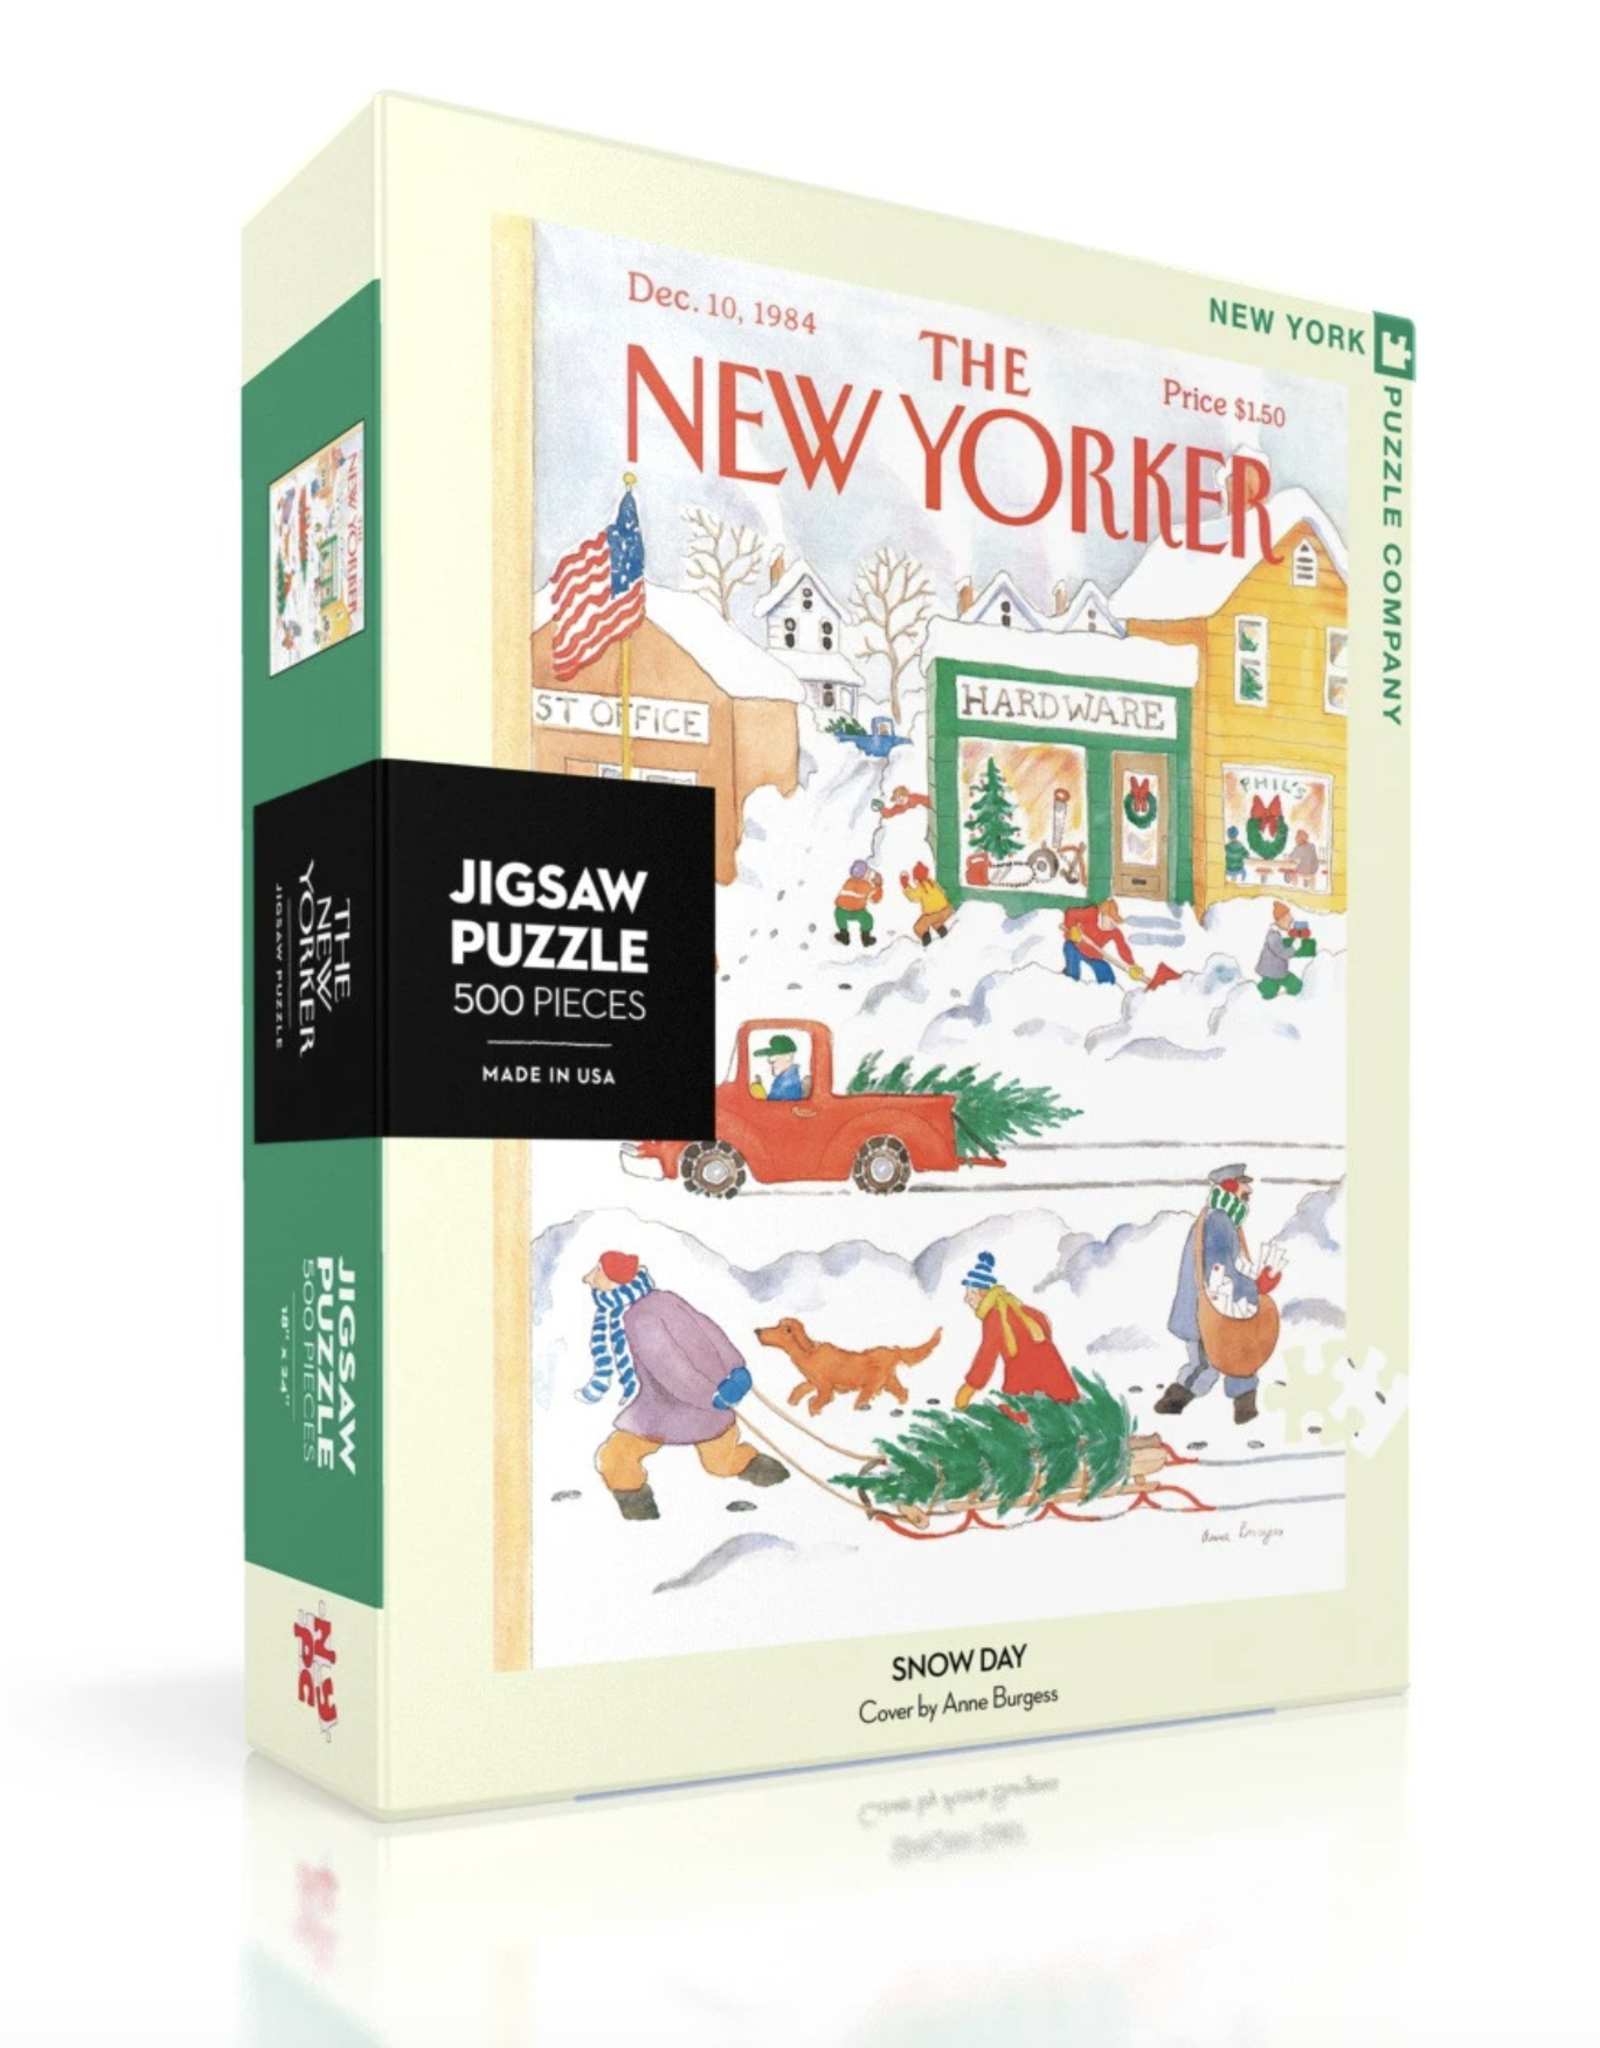 NY Puzzle NY Puzzle - Snow Day 500pc Puzzle